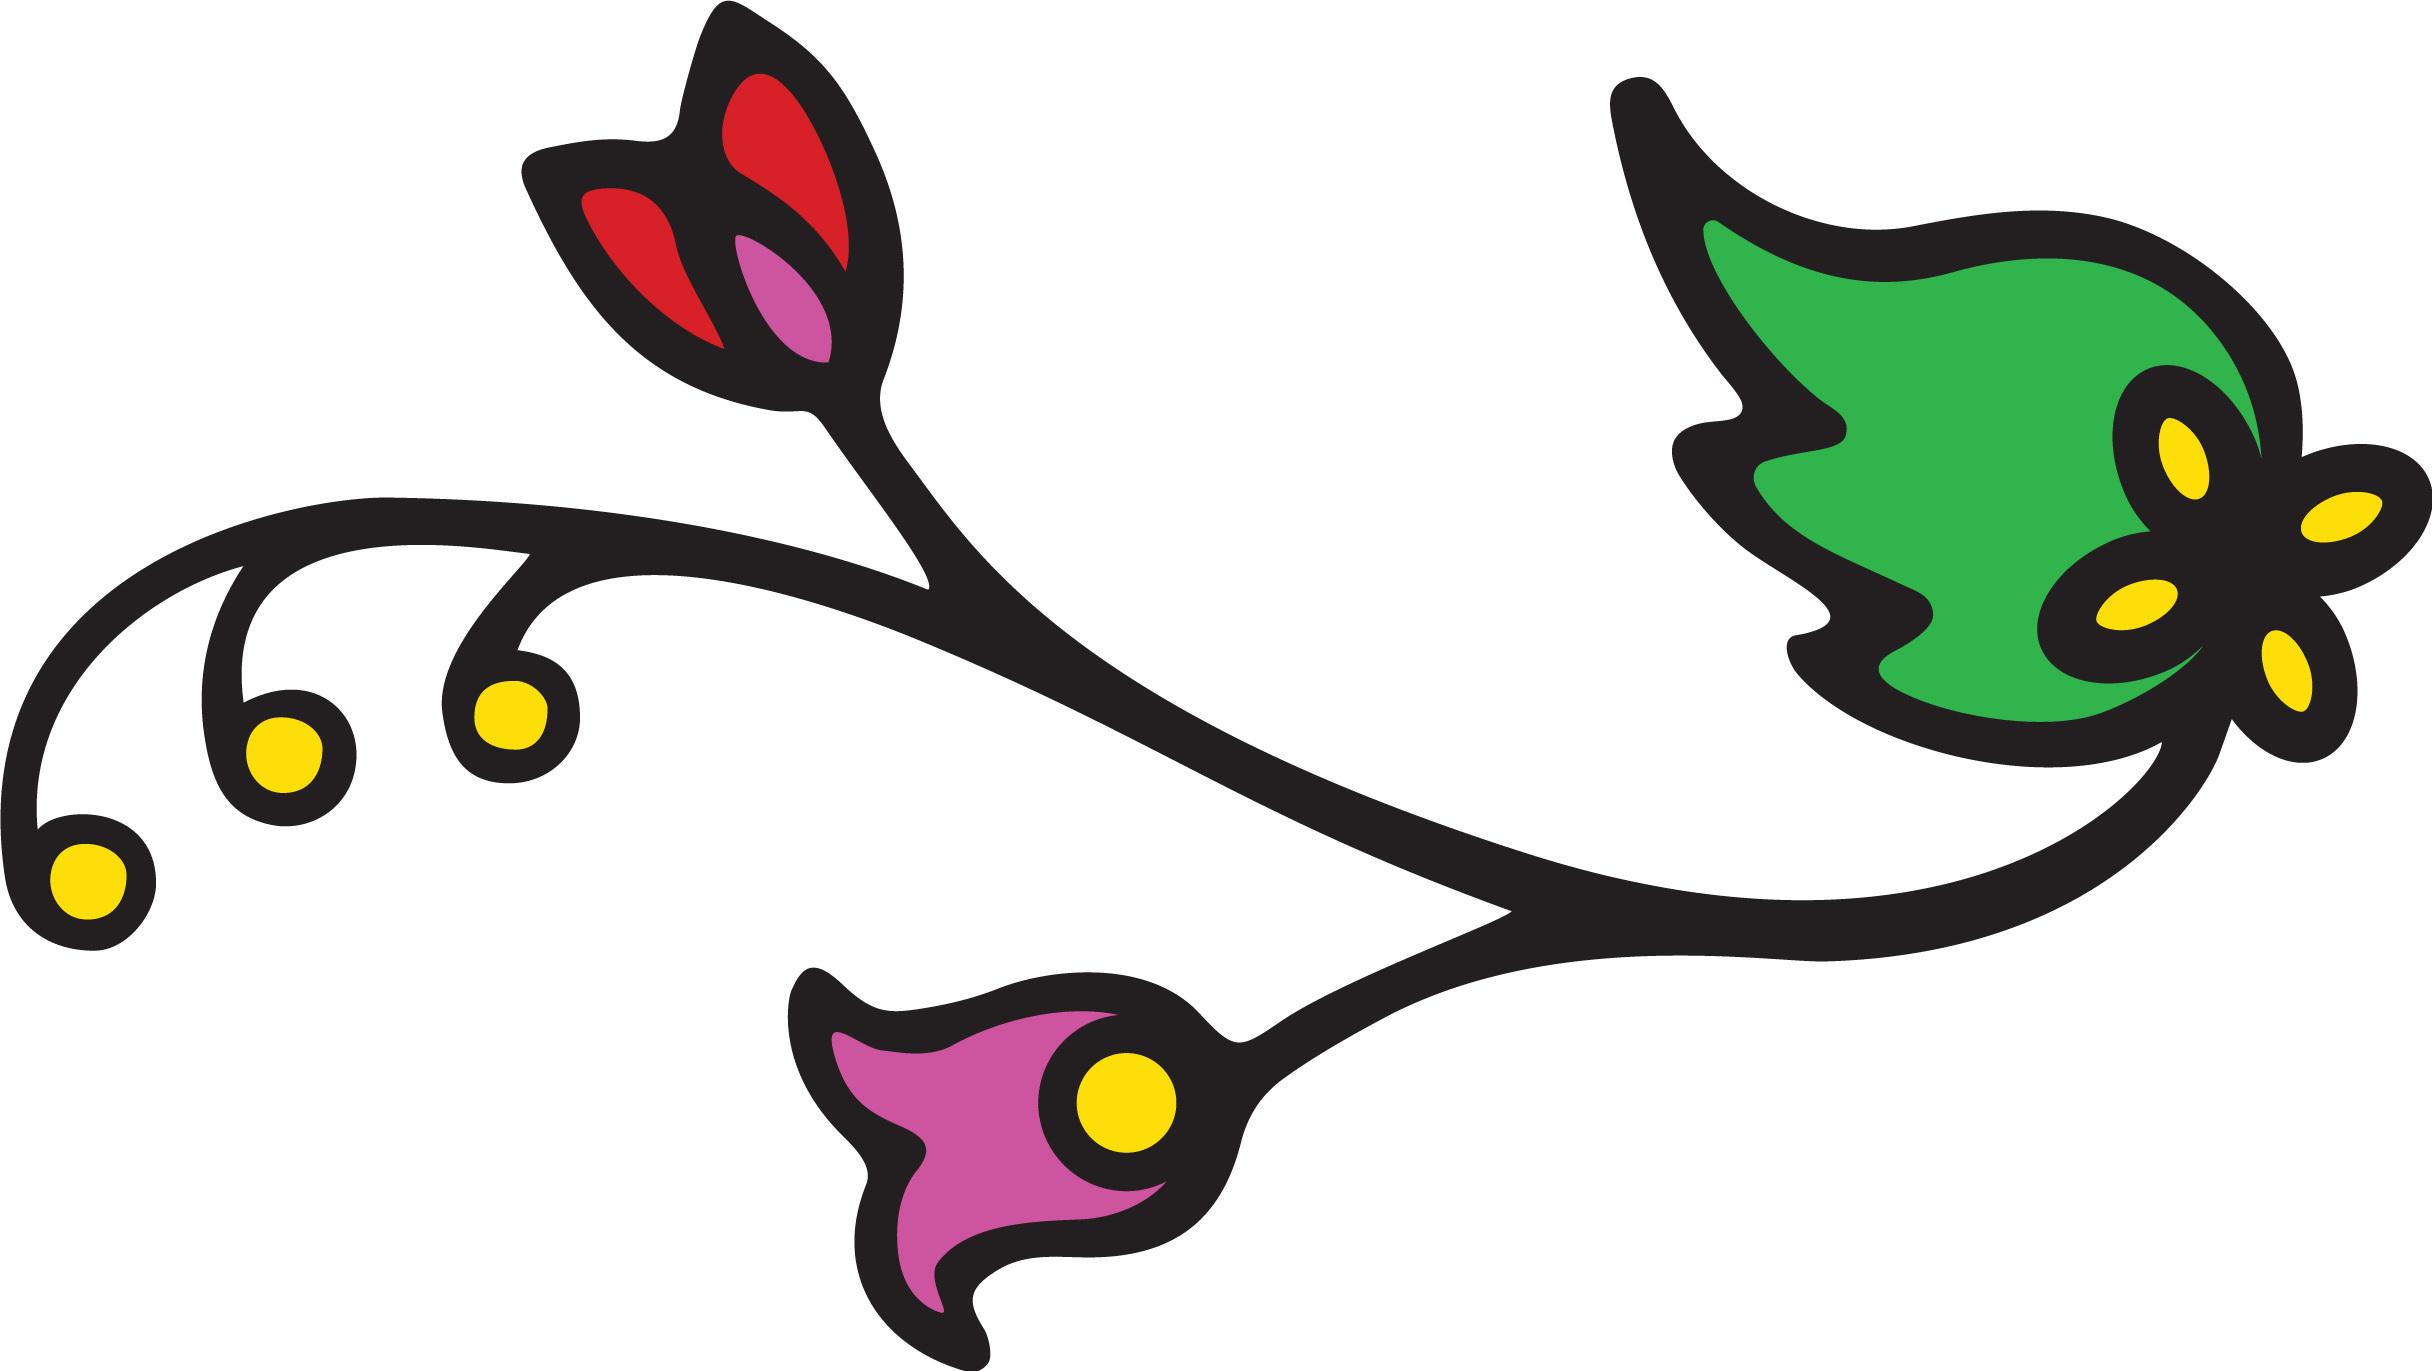 floral_design_set_color-11.jpg